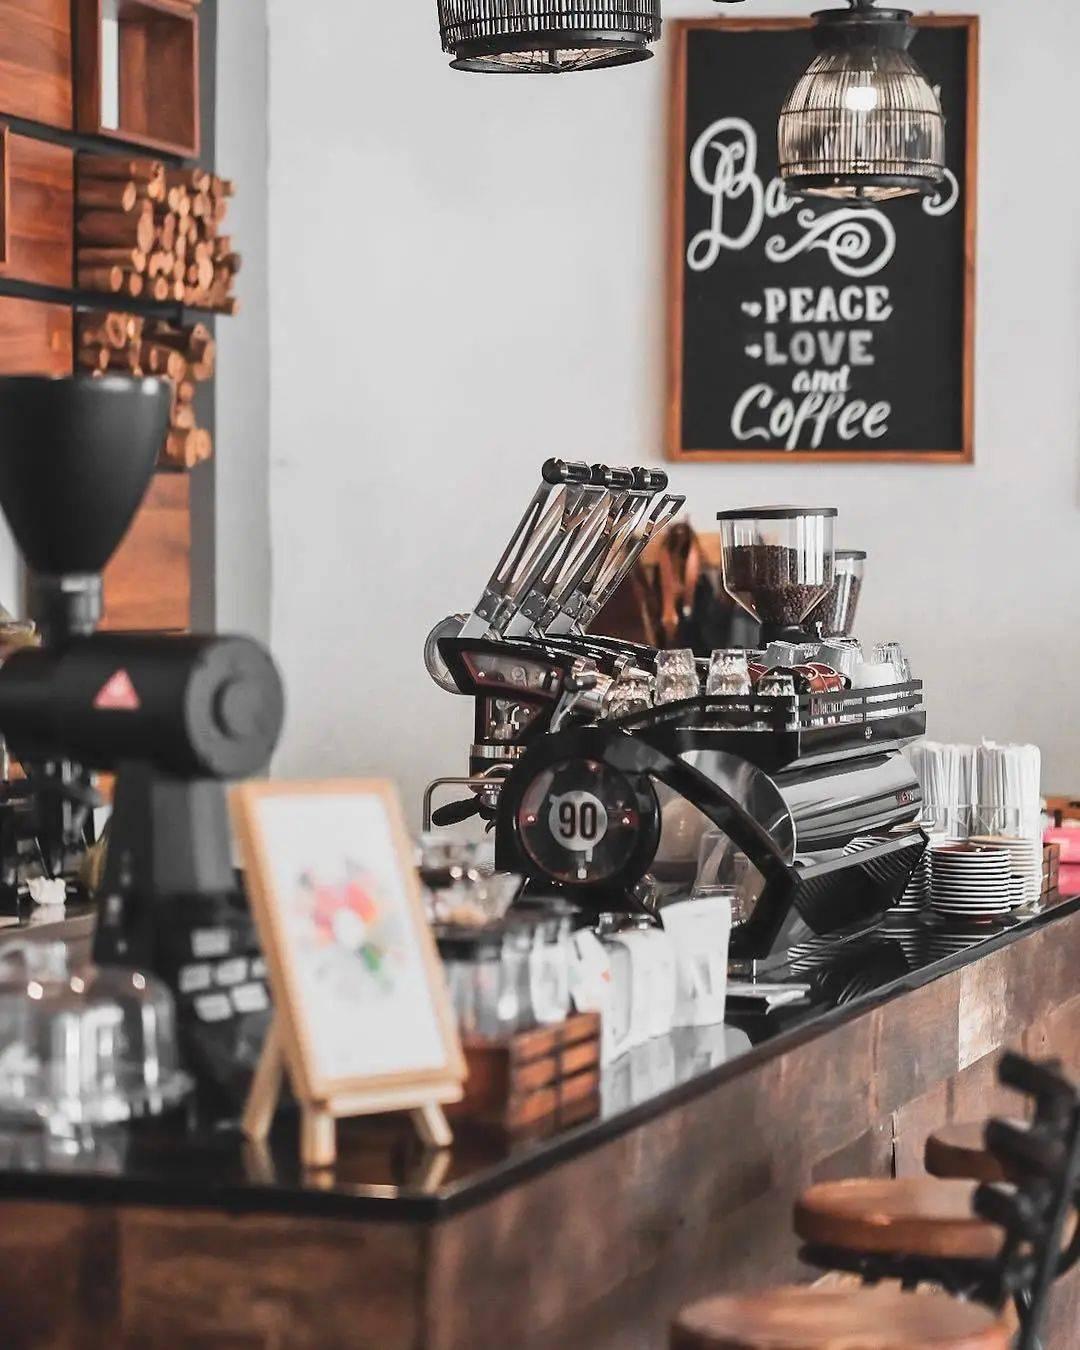 如何萃取一杯好喝的Espresso 防坑必看 第3张